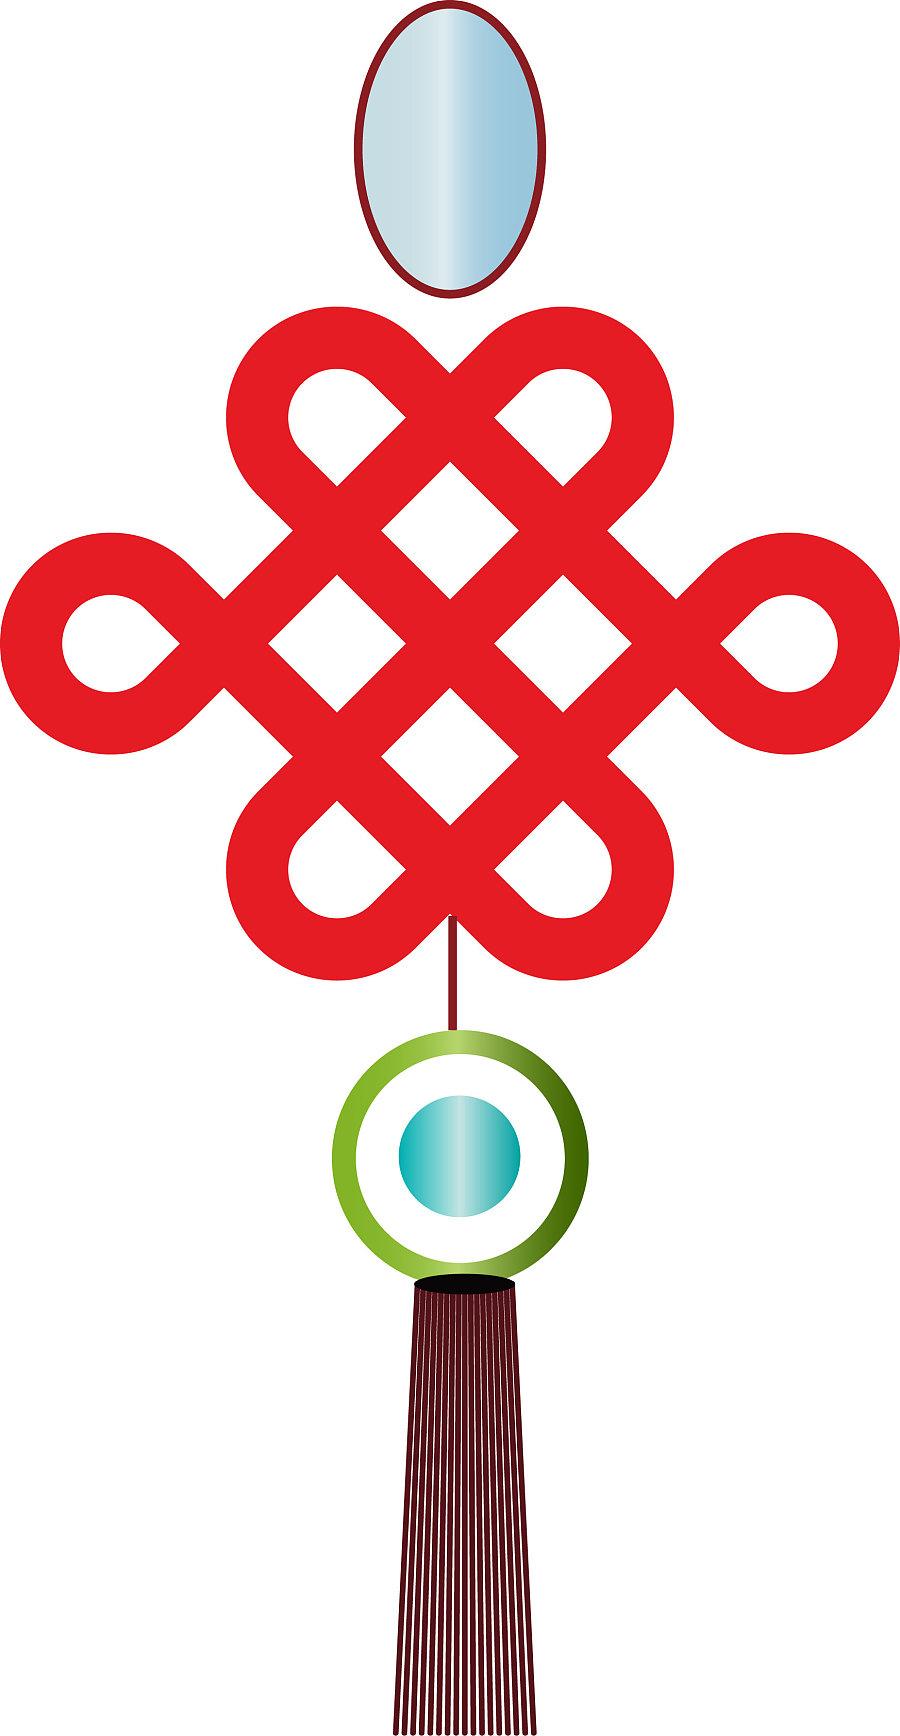 中国结|吉祥物|平面|yijiande - 原创设计作品 - 站酷图片